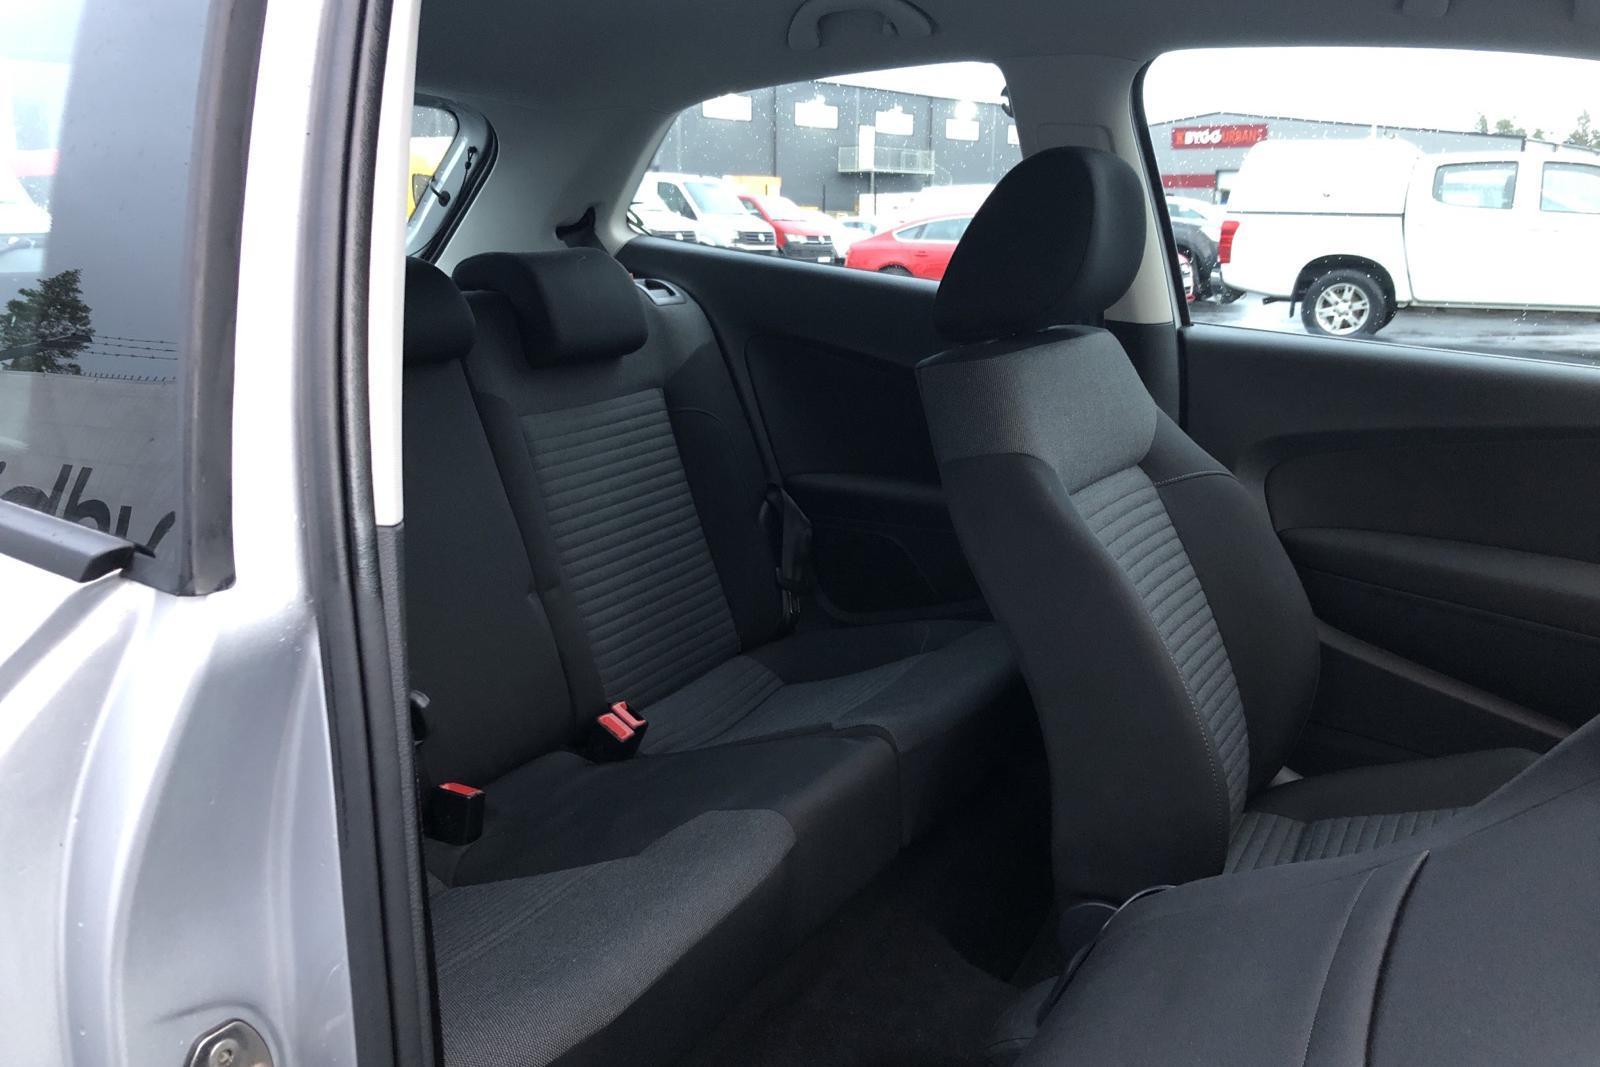 VW Polo 1.2 TSI 3dr (90hk) - 38 350 km - Automatic - silver - 2014